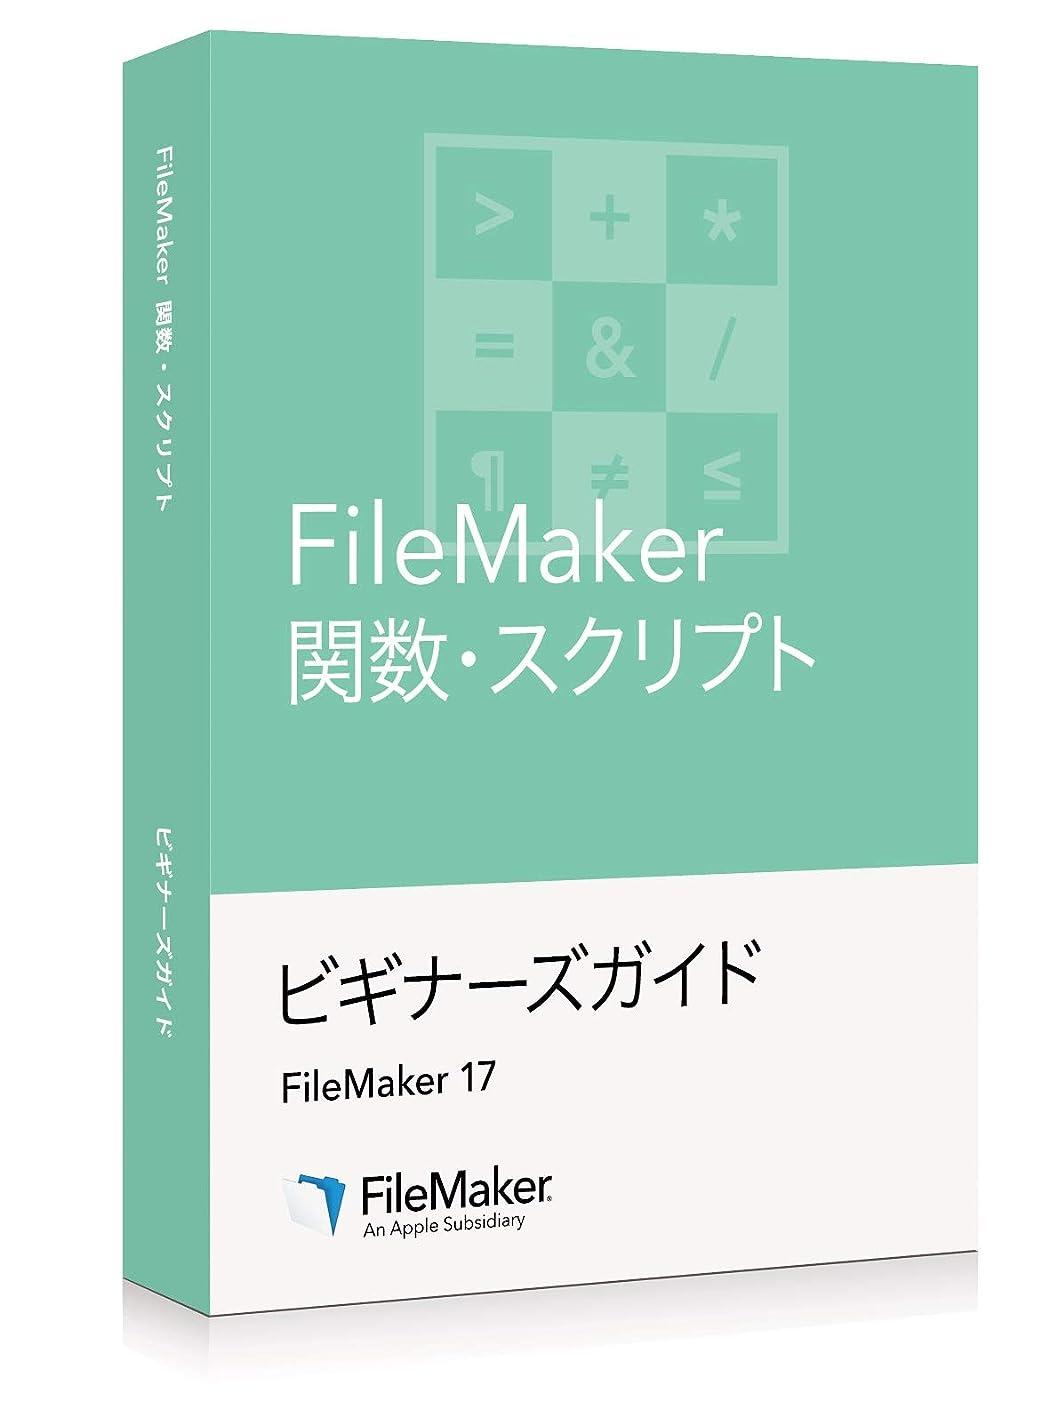 ミリメートル恥ずかしい胚FileMaker 関数?スクリプト ビギナーズガイド